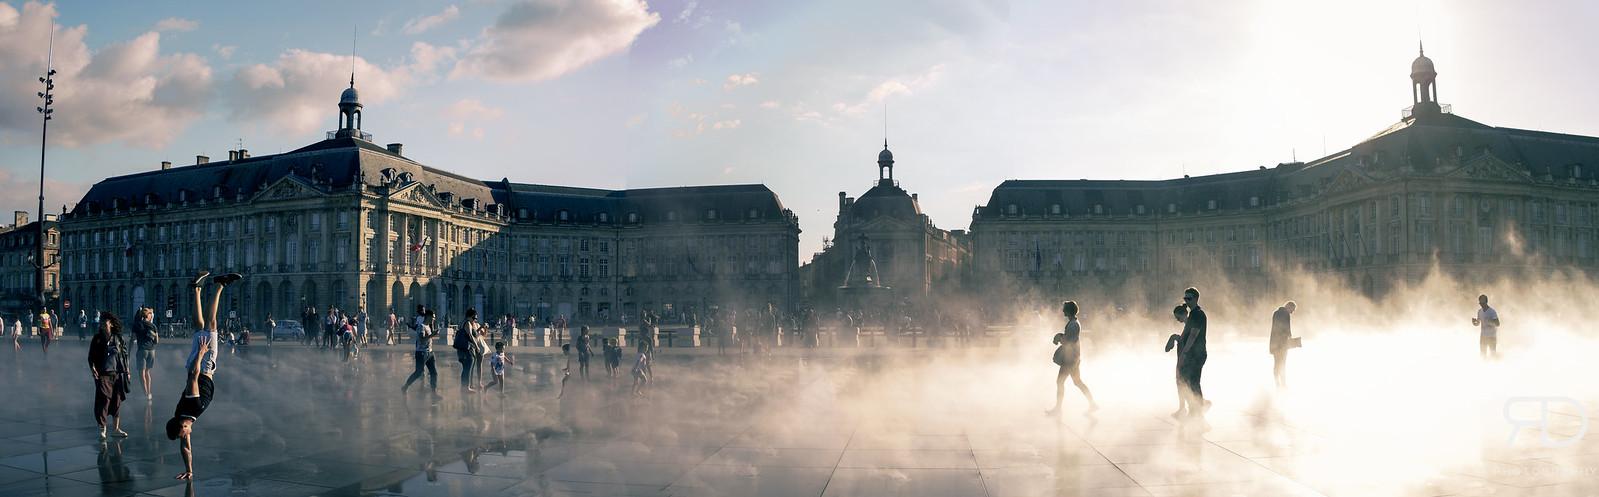 Place de la Bourse_2